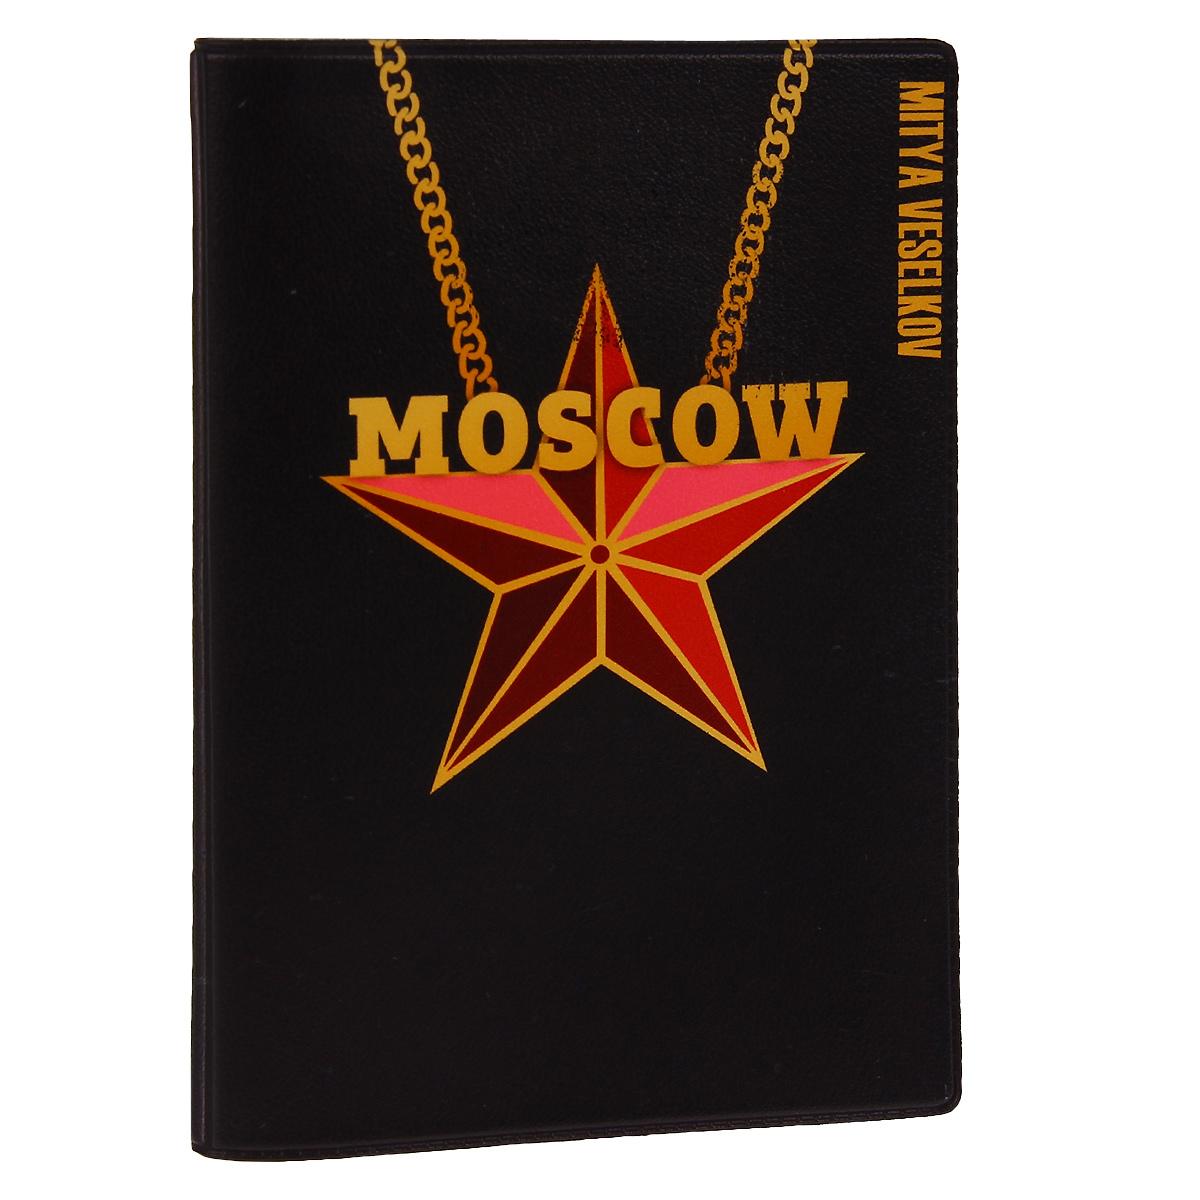 Обложка для паспорта Moscow Star. OZAM275OZAM146Обложка для паспорта Mitya Veselkov Moscow Star выполнена из прочного ПВХ и оформлена изображением красной пятиконечной звезды, подвешенной на цепочку, и надписью Moscow. Такая обложка не только поможет сохранить внешний вид ваших документов и защитит их от повреждений, но и станет стильным аксессуаром, идеально подходящим вашему образу.Яркая и оригинальная обложка подчеркнет вашу индивидуальность и изысканный вкус. Обложка для паспорта стильного дизайна может быть достойным и оригинальным подарком.